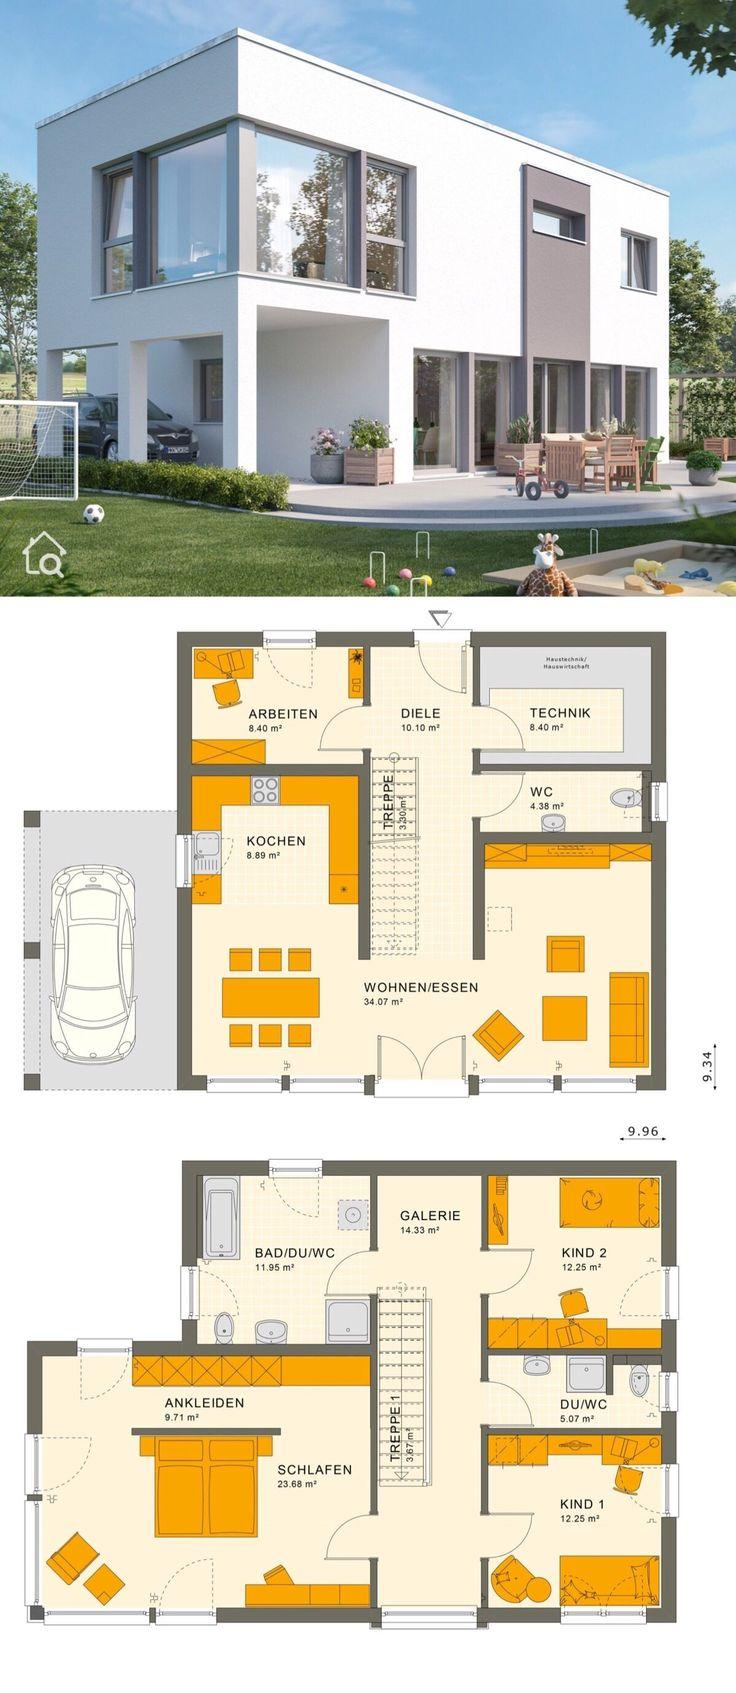 Einfamilienhaus modern mit Flachdach Architektur i…